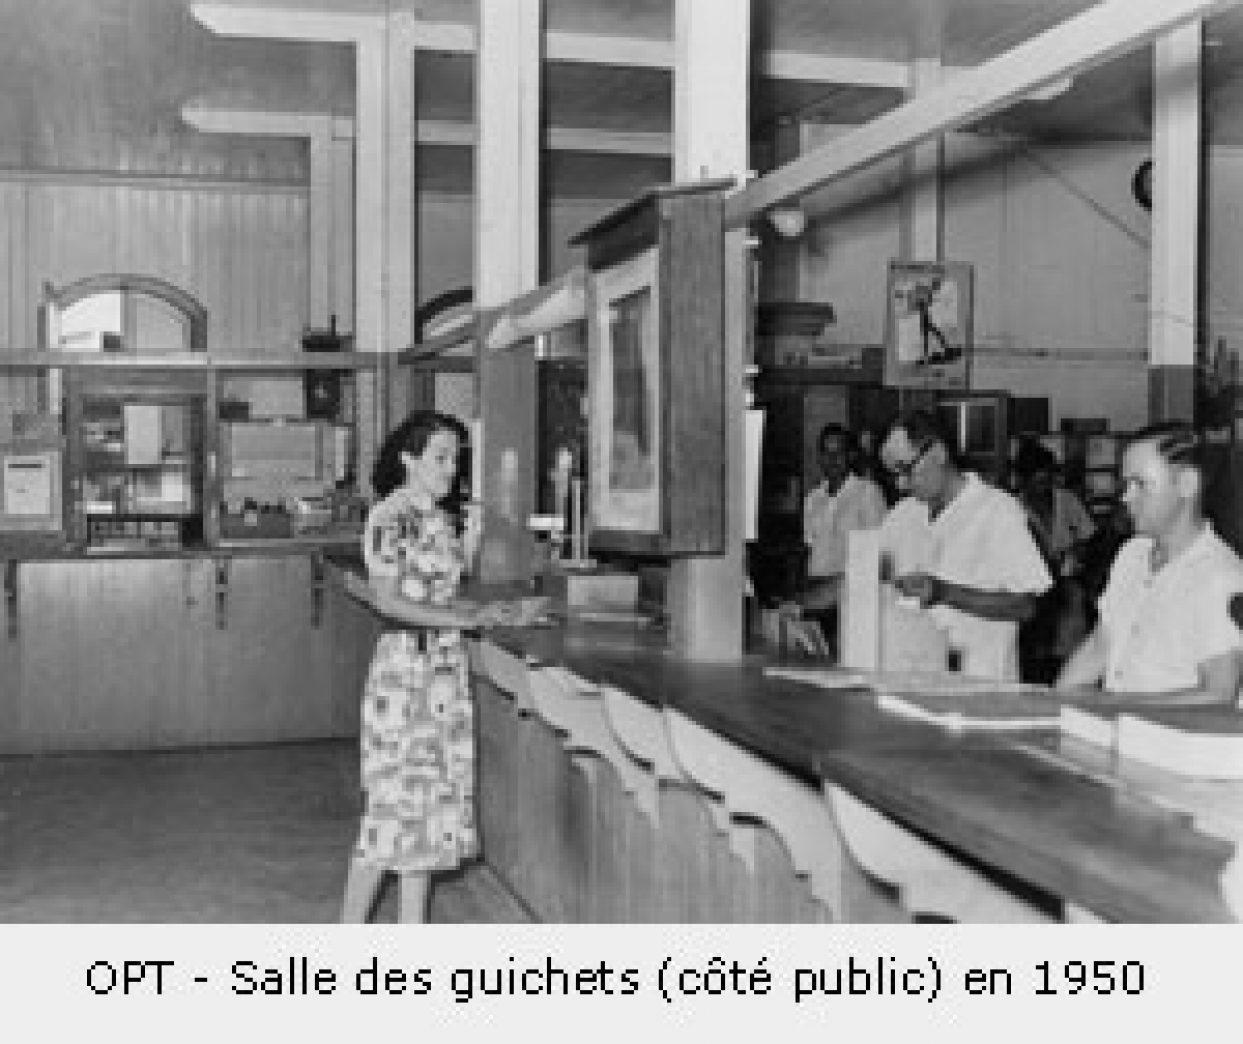 salle_guichet_1950.jpg